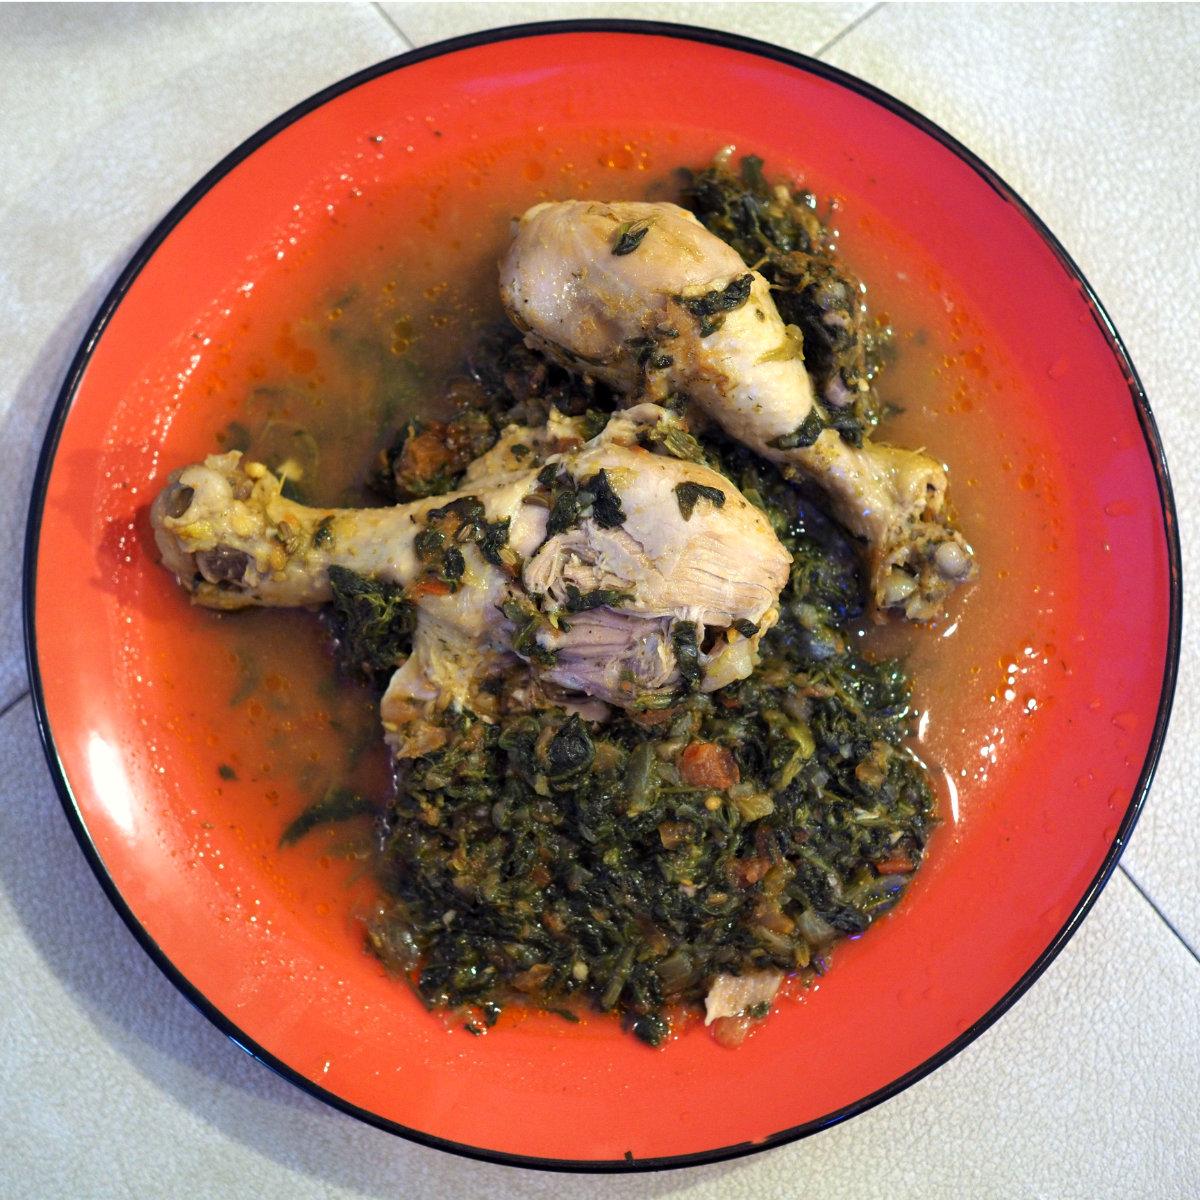 Spinach chicken